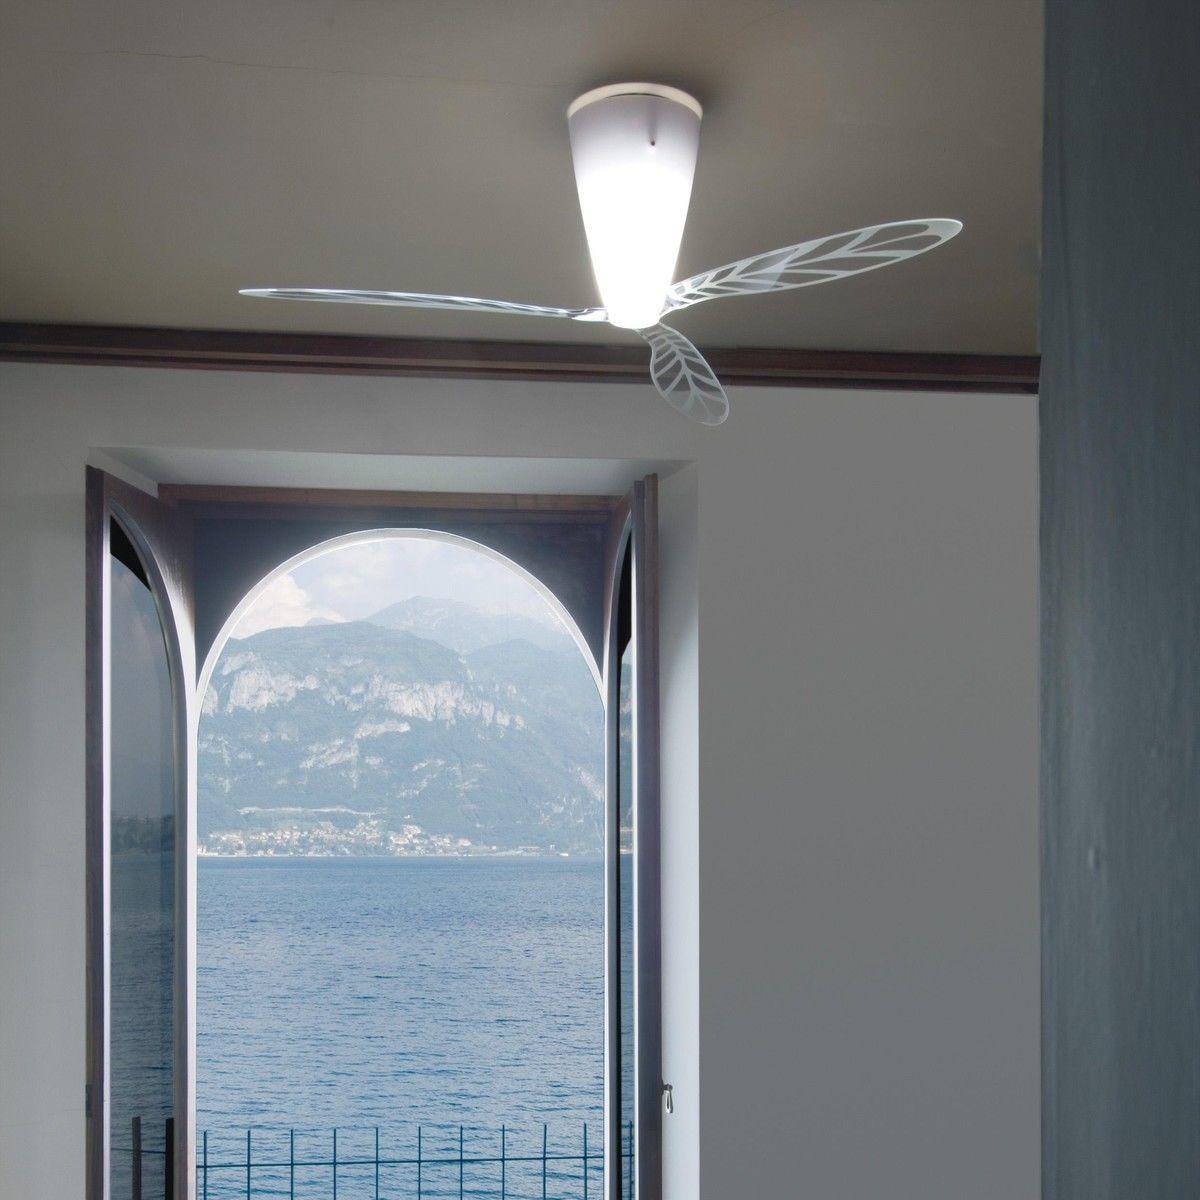 Ventilateur Salle De Bain Lumiere : Blow – Ventilateur et Plafonnier